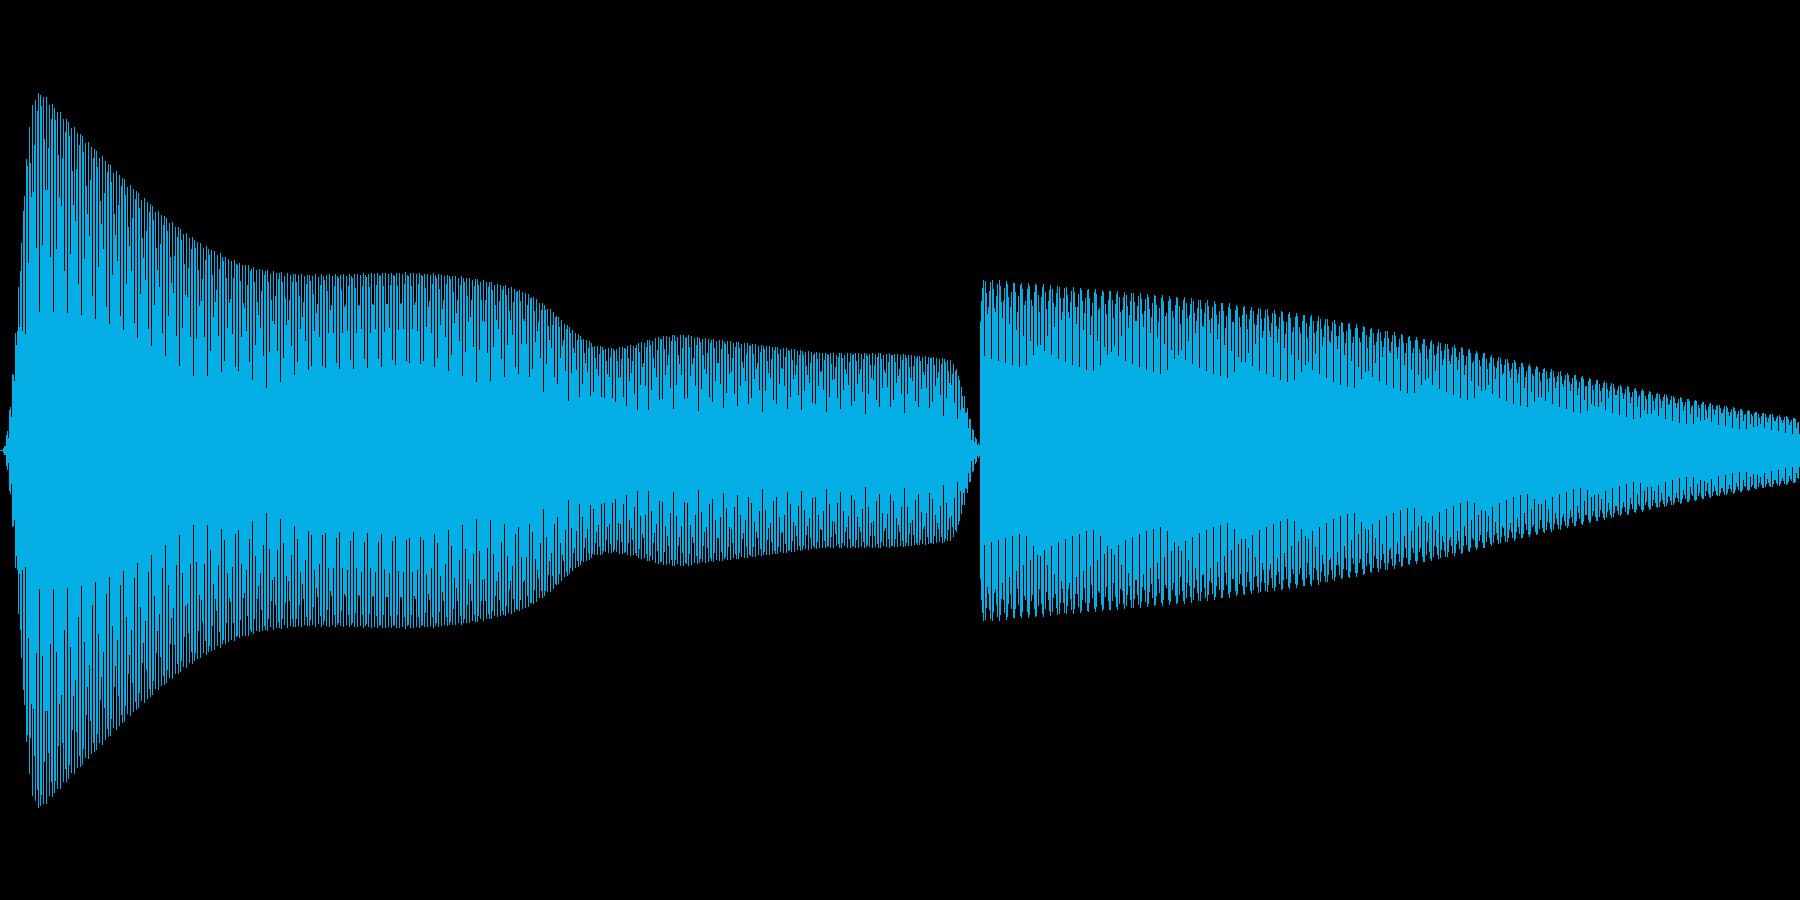 汎用的なシステム音(ピッ)の再生済みの波形